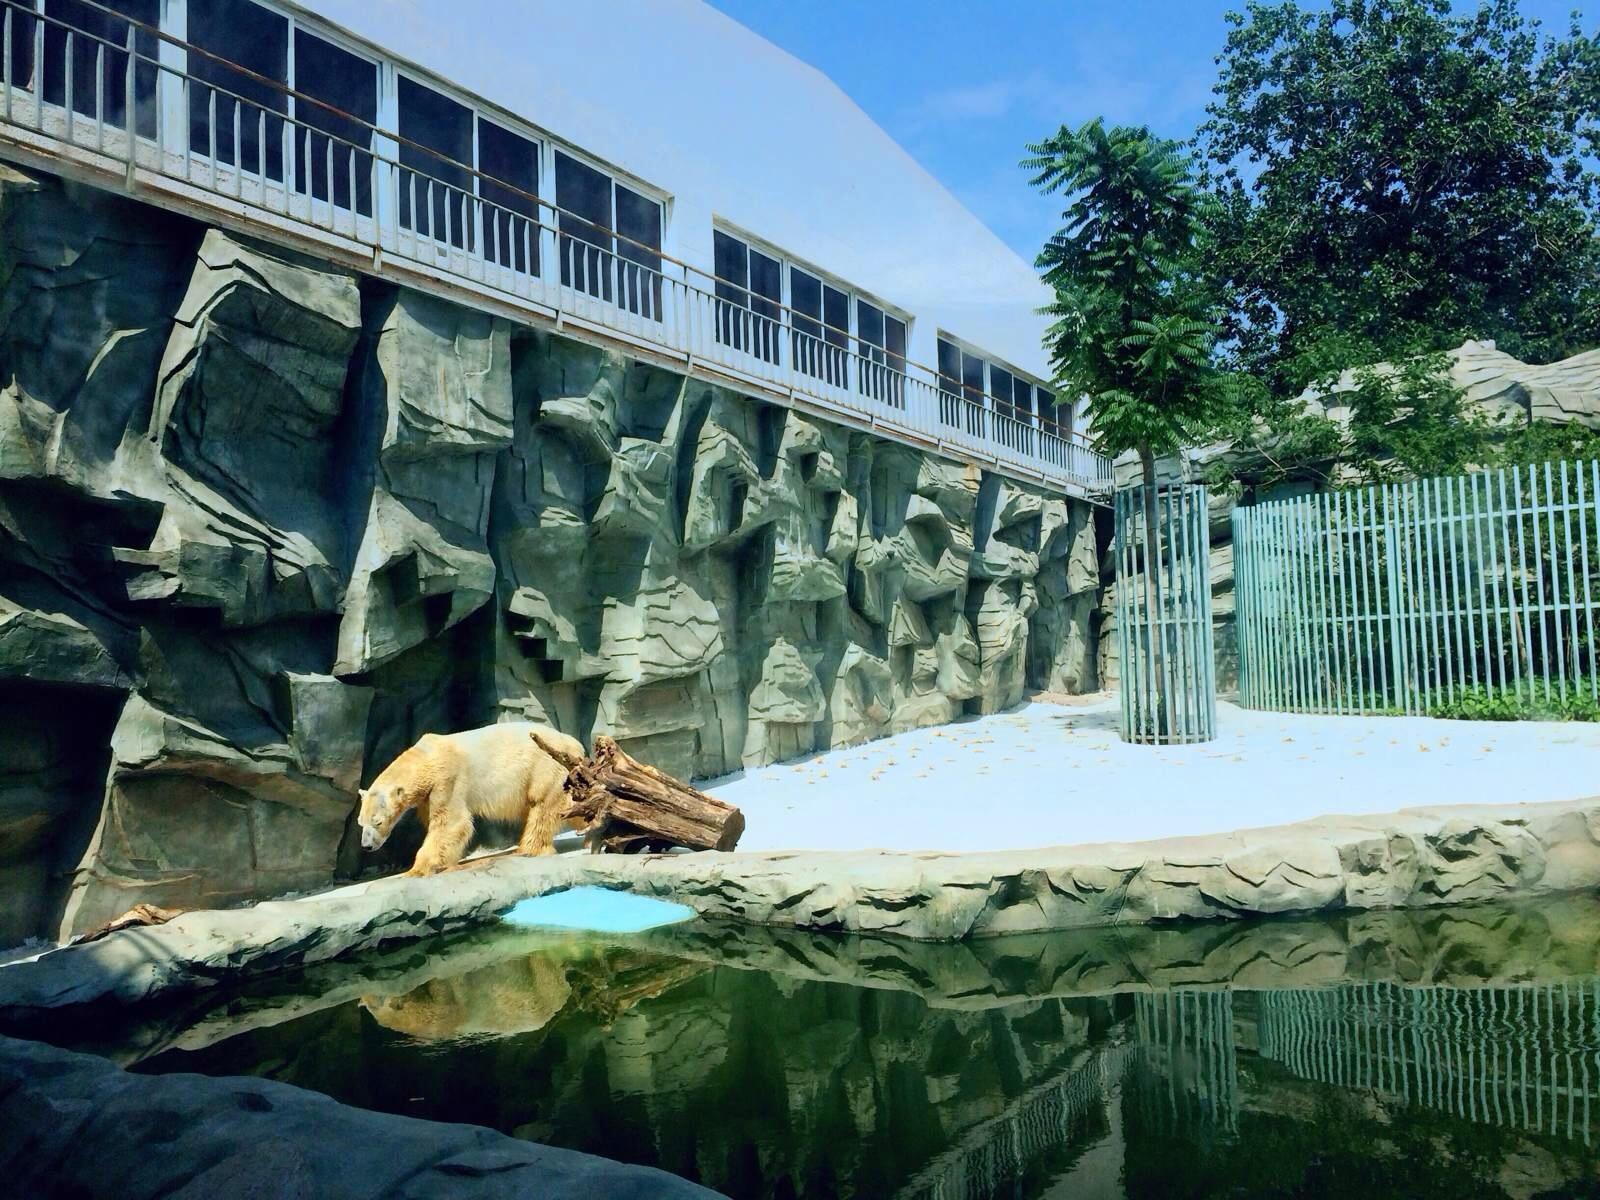 莺歌燕舞的北京动物园